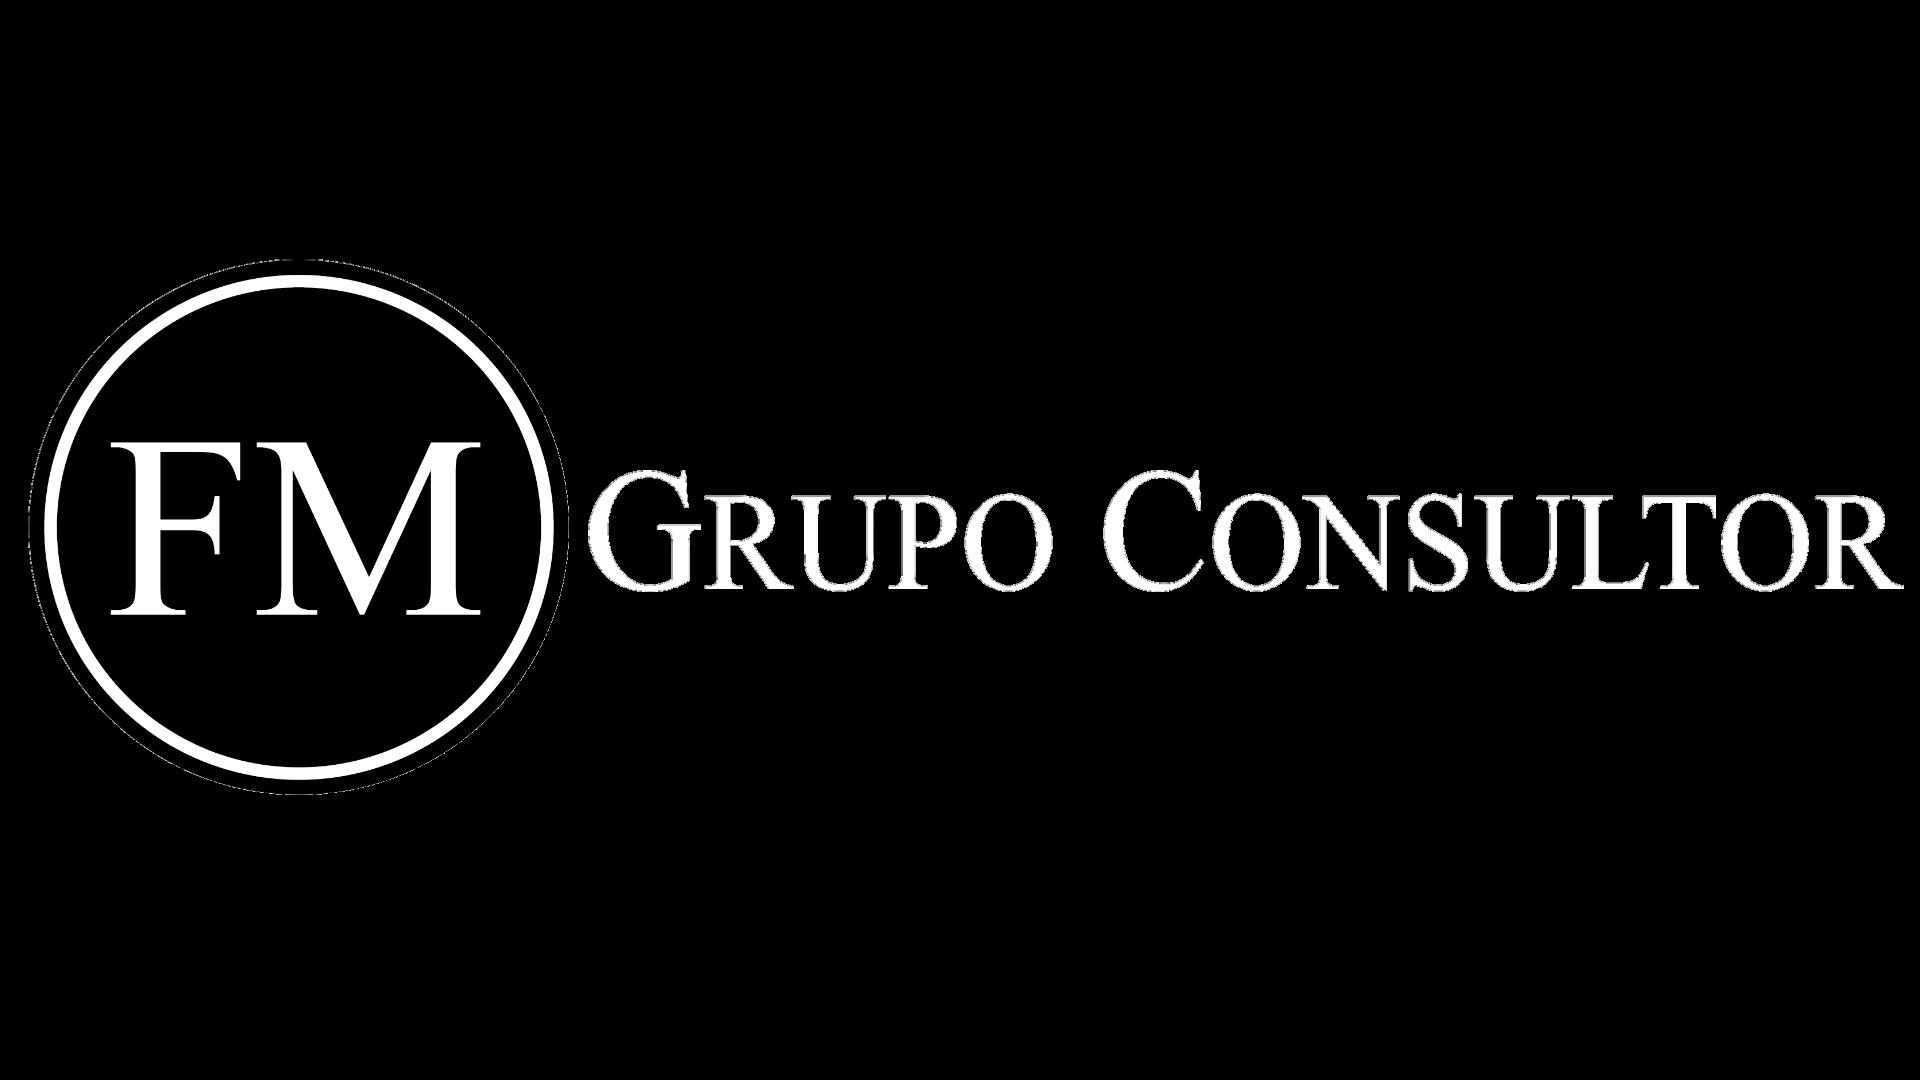 FM Grupo Consultor